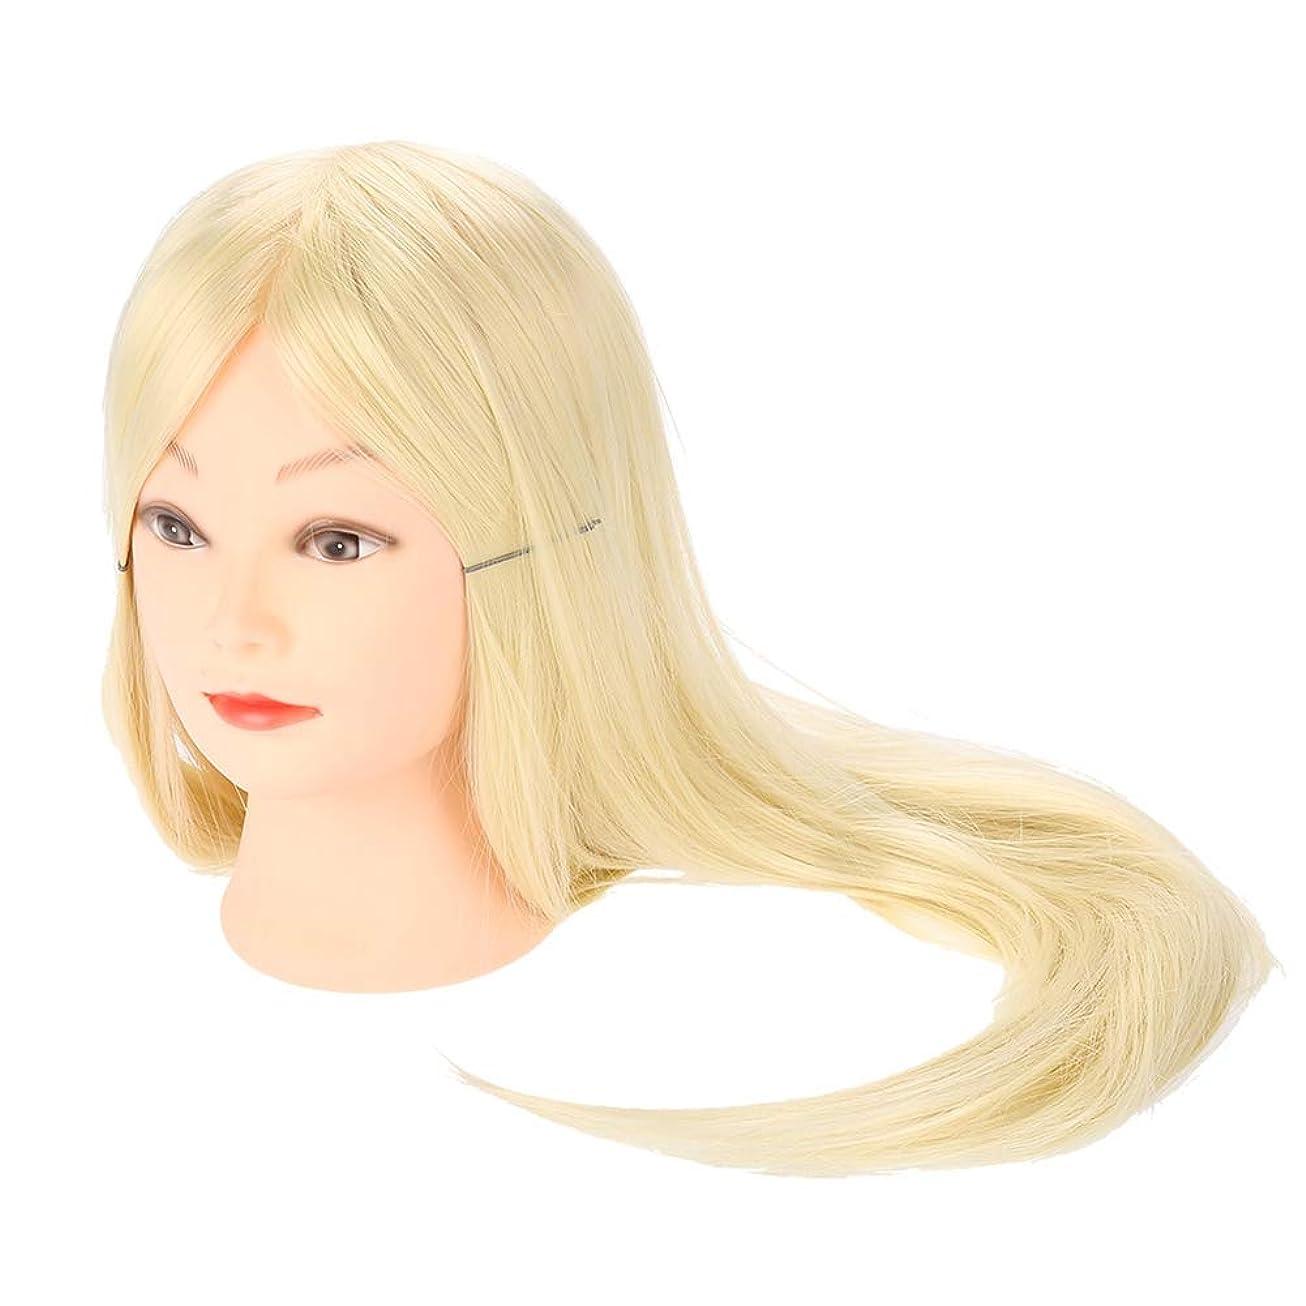 こっそり飾り羽ポータル編み込み練習用 モデルロングヘア理髪 編組セットツール 美容室サロン ウィッグマネキンヘッド メイクトレーニング用 ヘア編み込み ダミーヘッド レディウィッグ レディー